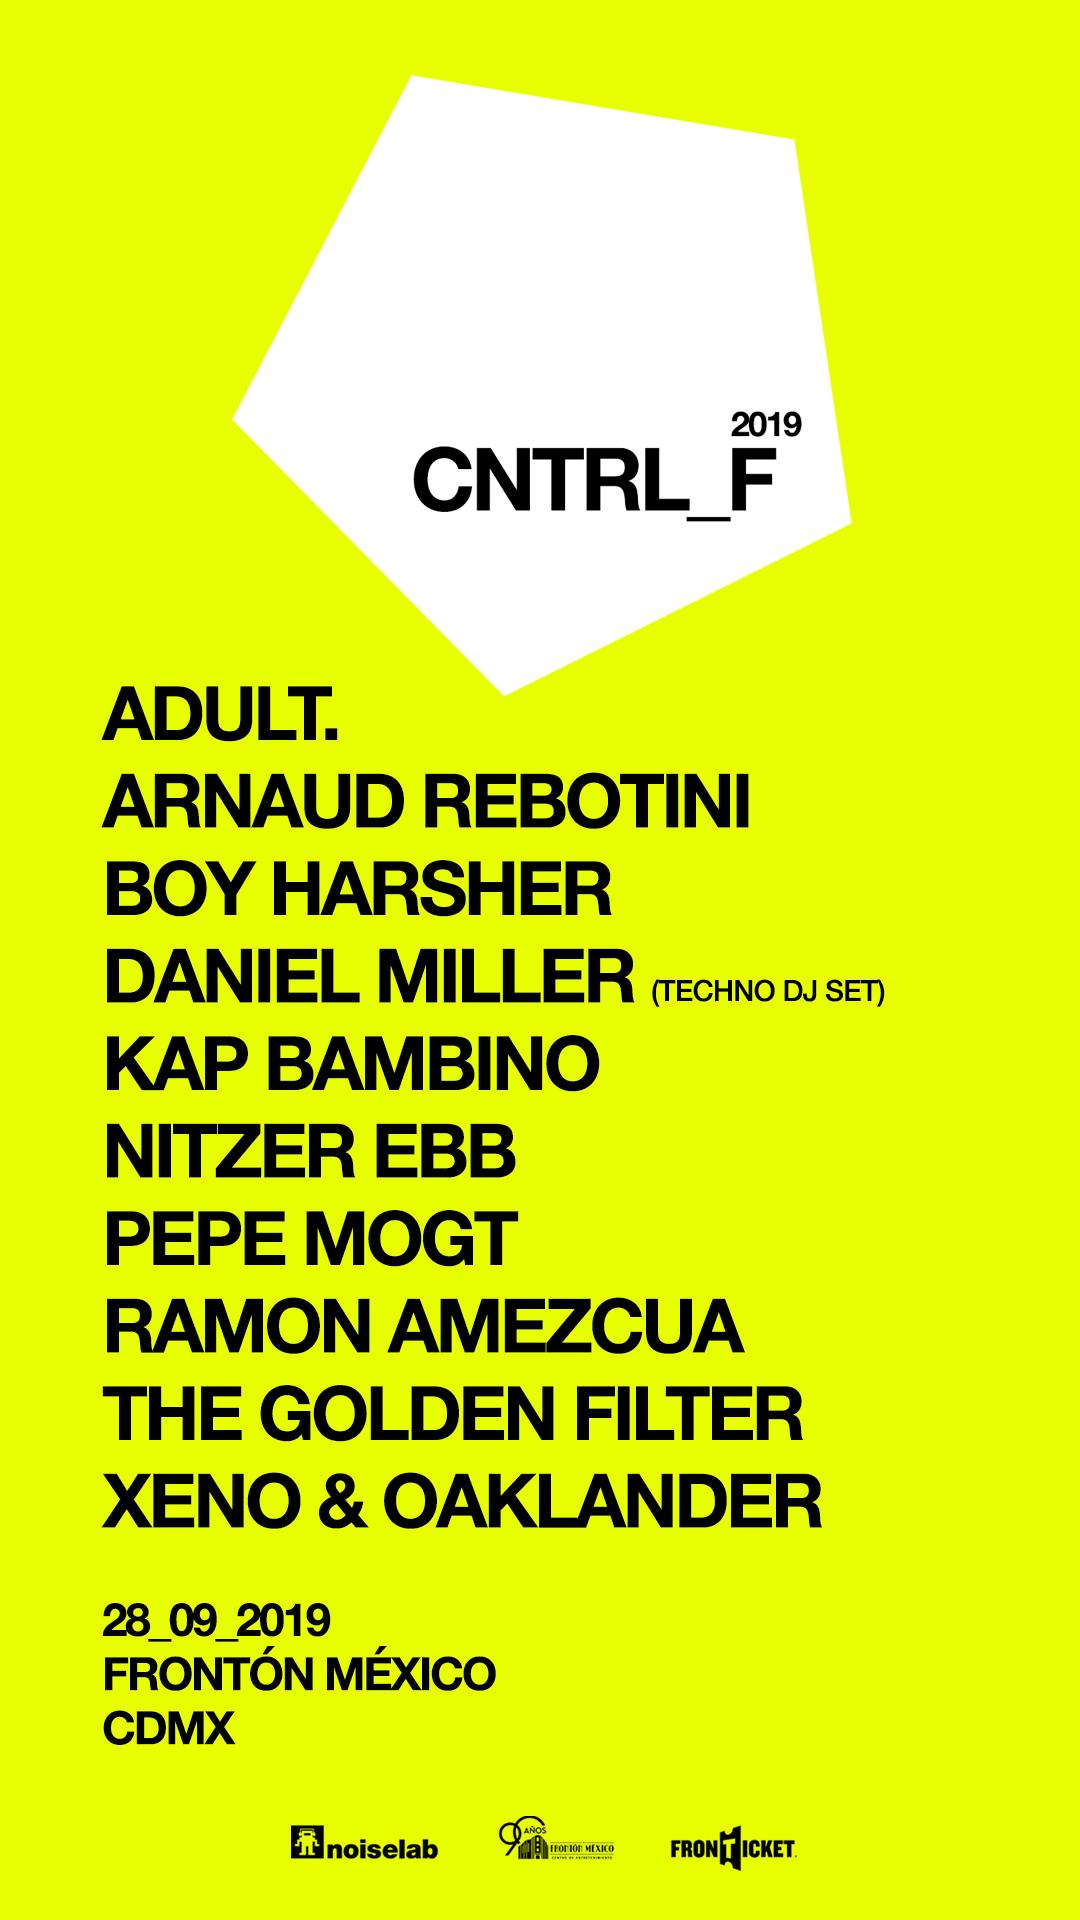 ¡Nitzer Ebb, ADULT. y Boy Harsher como parte del Cntrl Fest 2019!